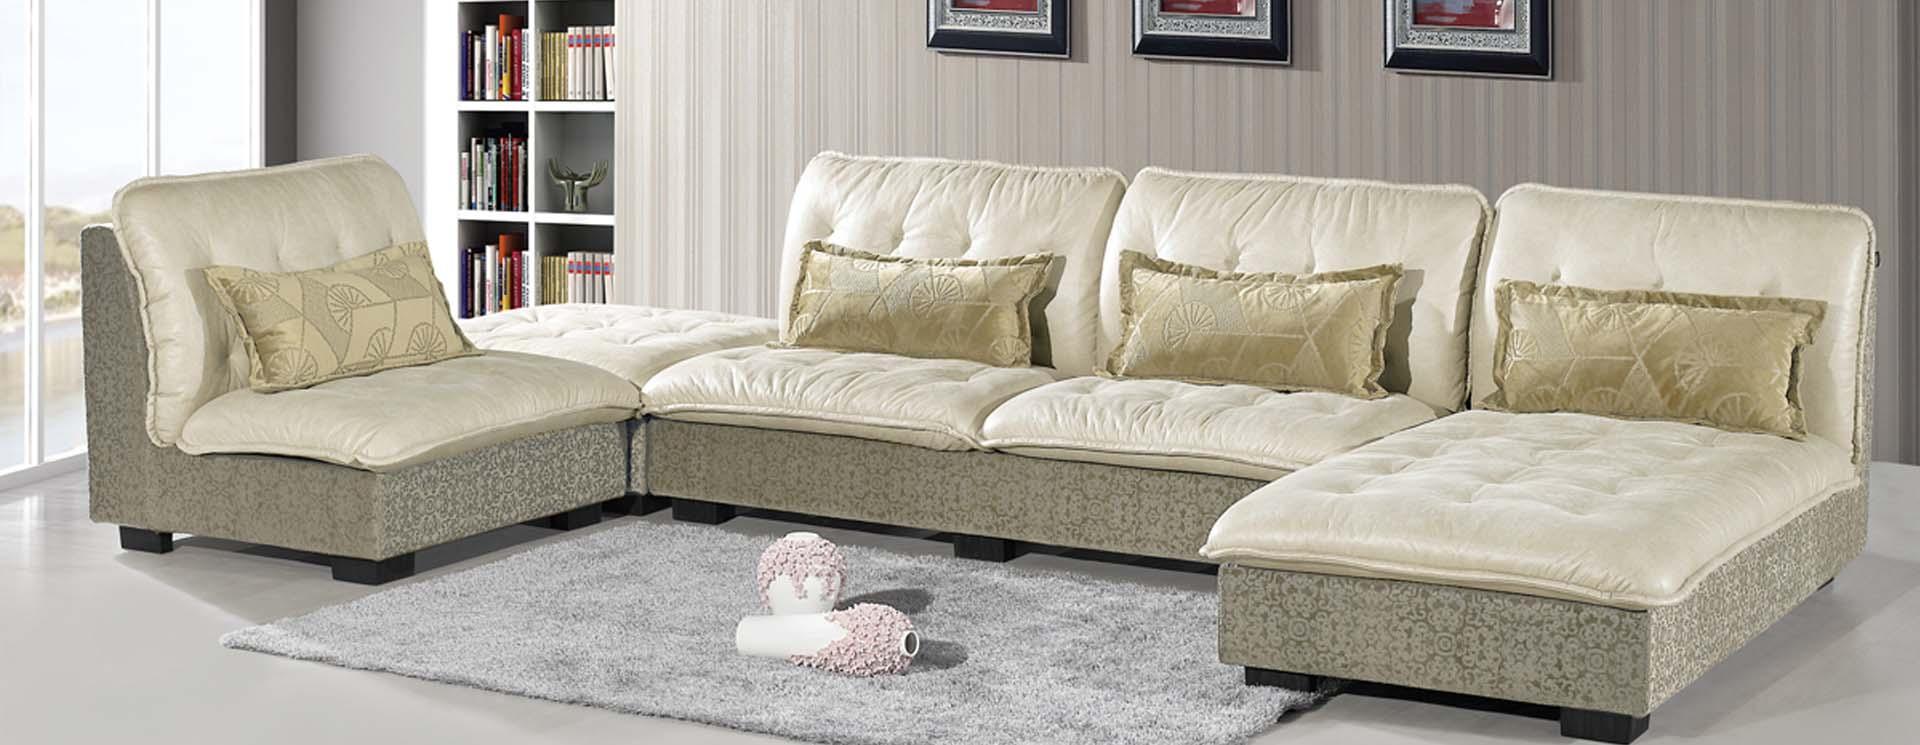 名称:沙发E-628B#<br/> 市场价:<font style='color:#999;text-decoration:line-through;'>¥0</font><br />全国统一零售价:<font color='Red'>¥0.0</font>